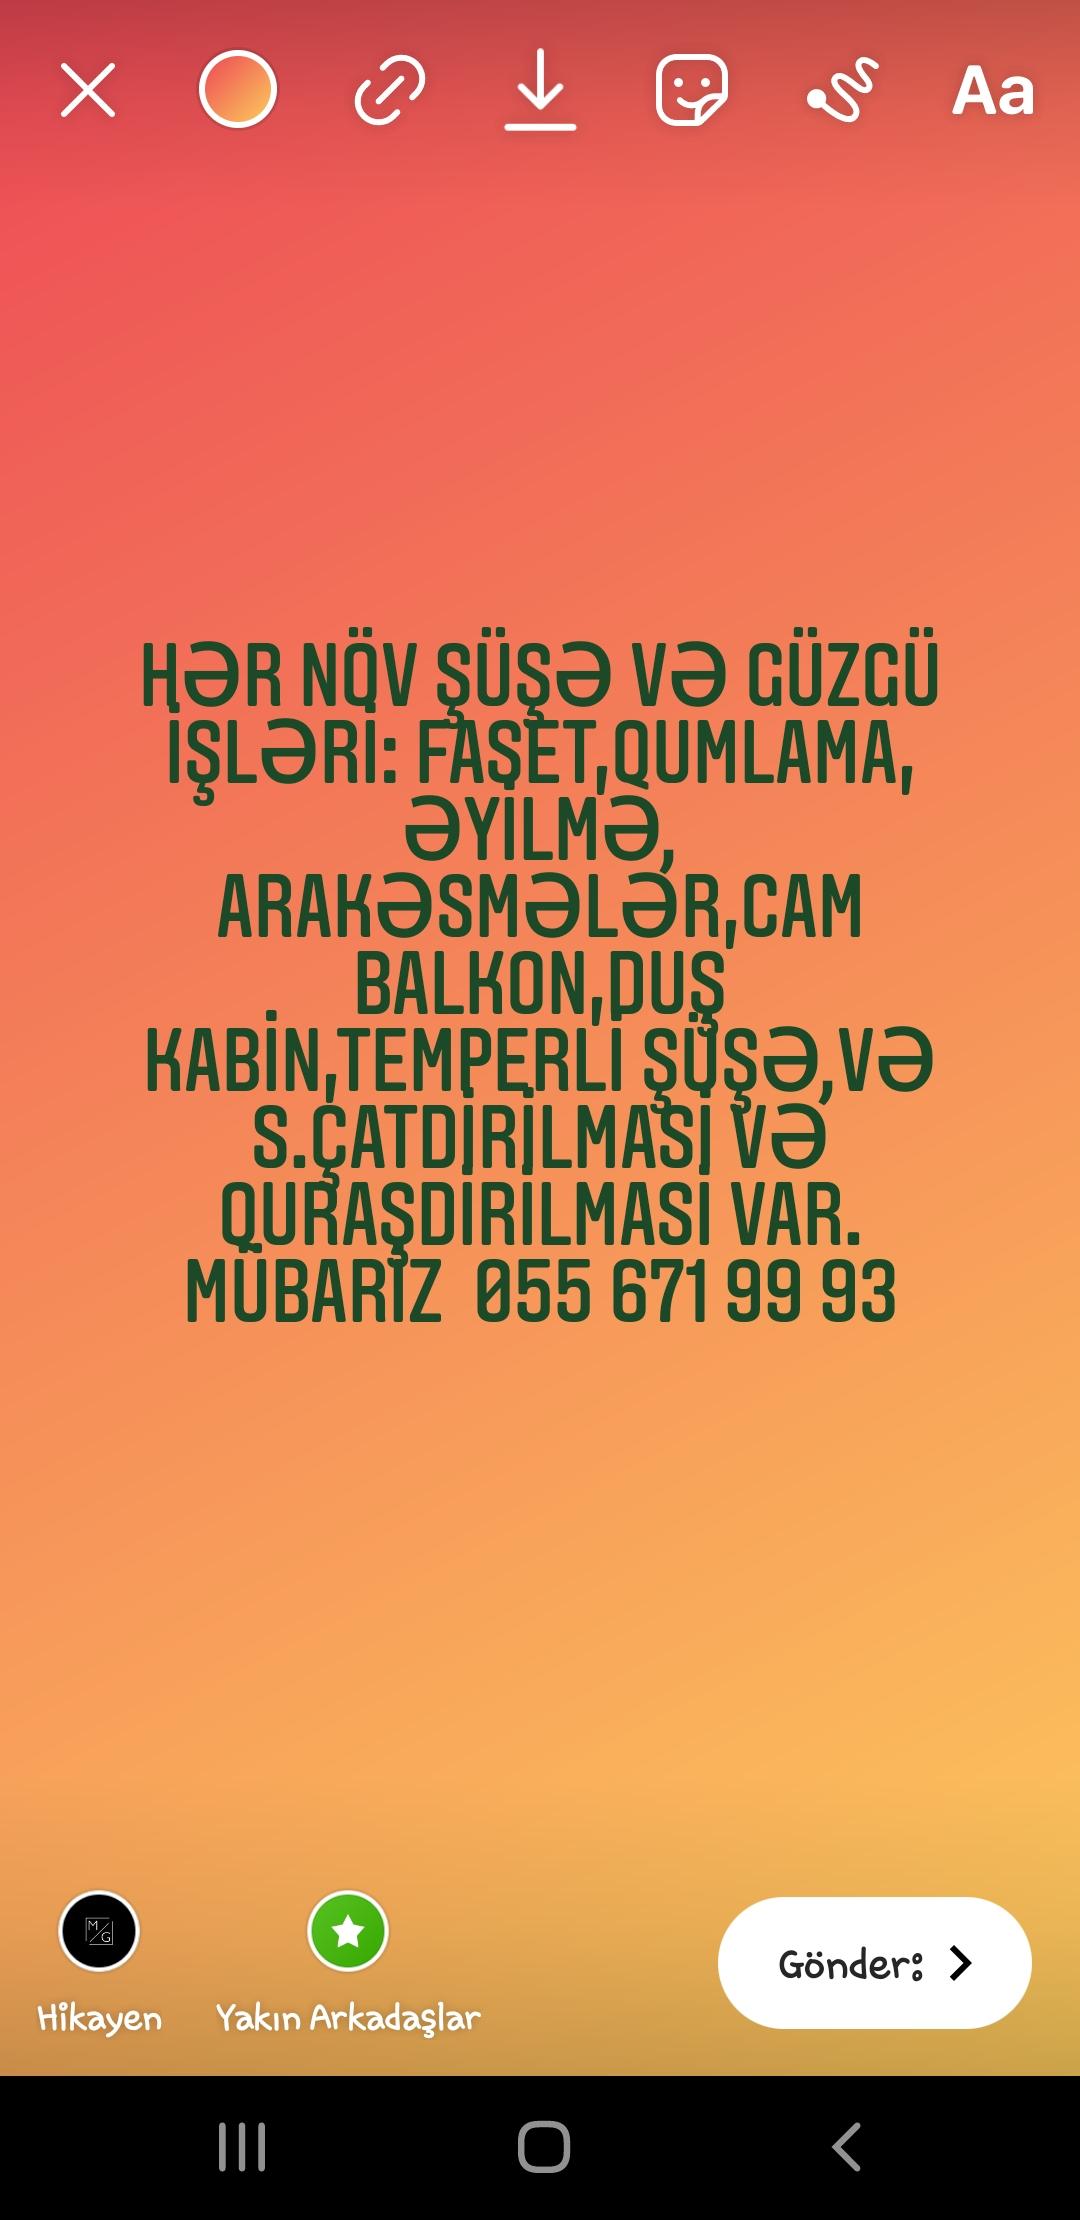 Hər növ şüşə və güzgü işləri: faset,qumlama, əyilmə, arakəsmələr,cam balkon,duş kabin,temperli şüşə,və s.Çatdırılması və quraşdırılması var. Mübariz  055 671 99 93 (whatsapp var)